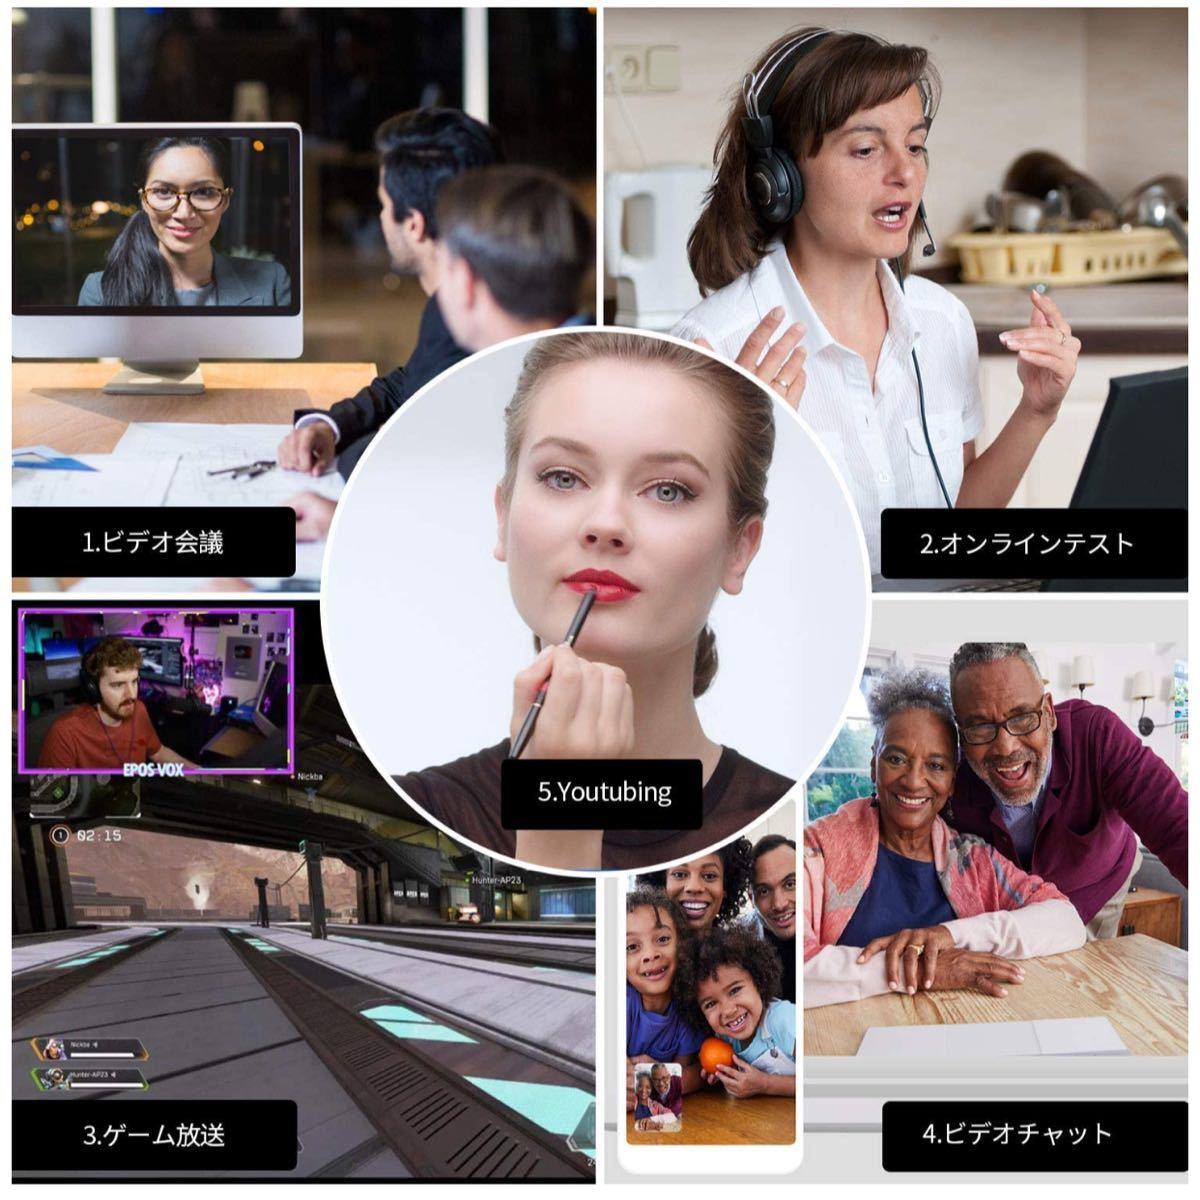 ウェブカメラ webカメラ マイク内蔵 高画質 200万画素 新品